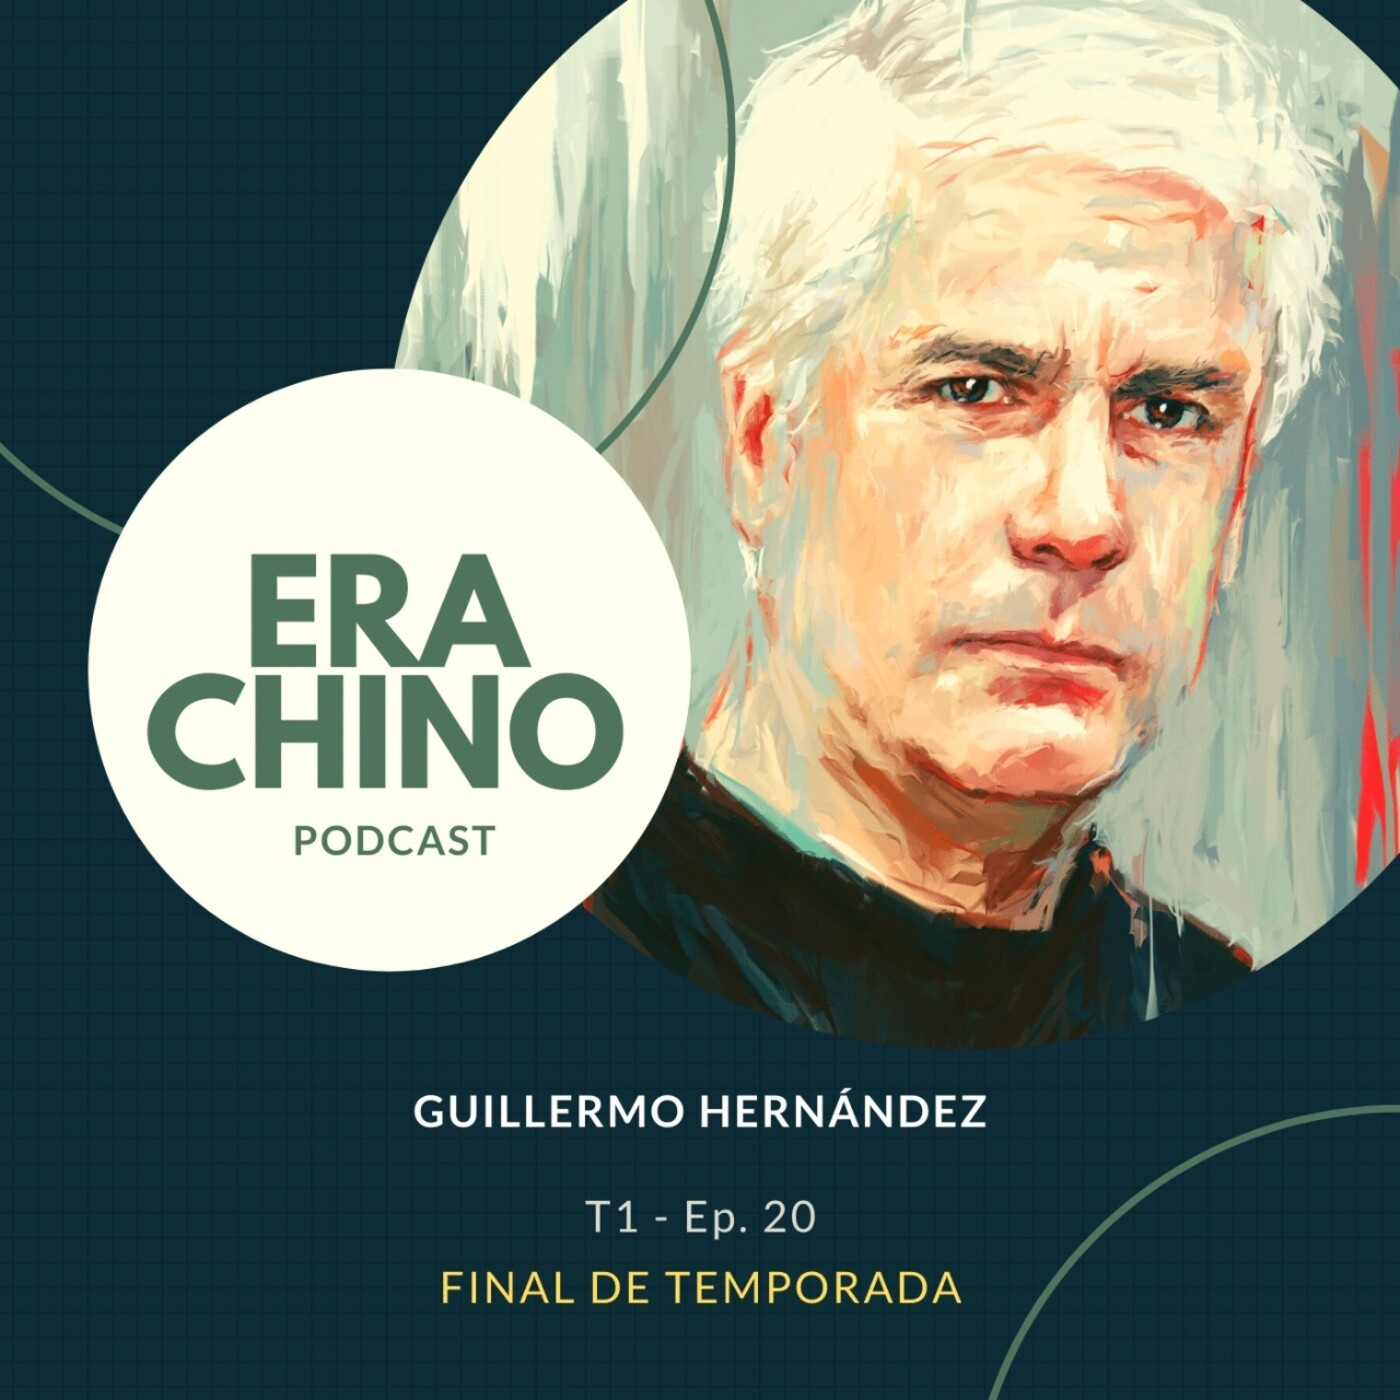 Era Chino T01E20 : Final de Temporada.